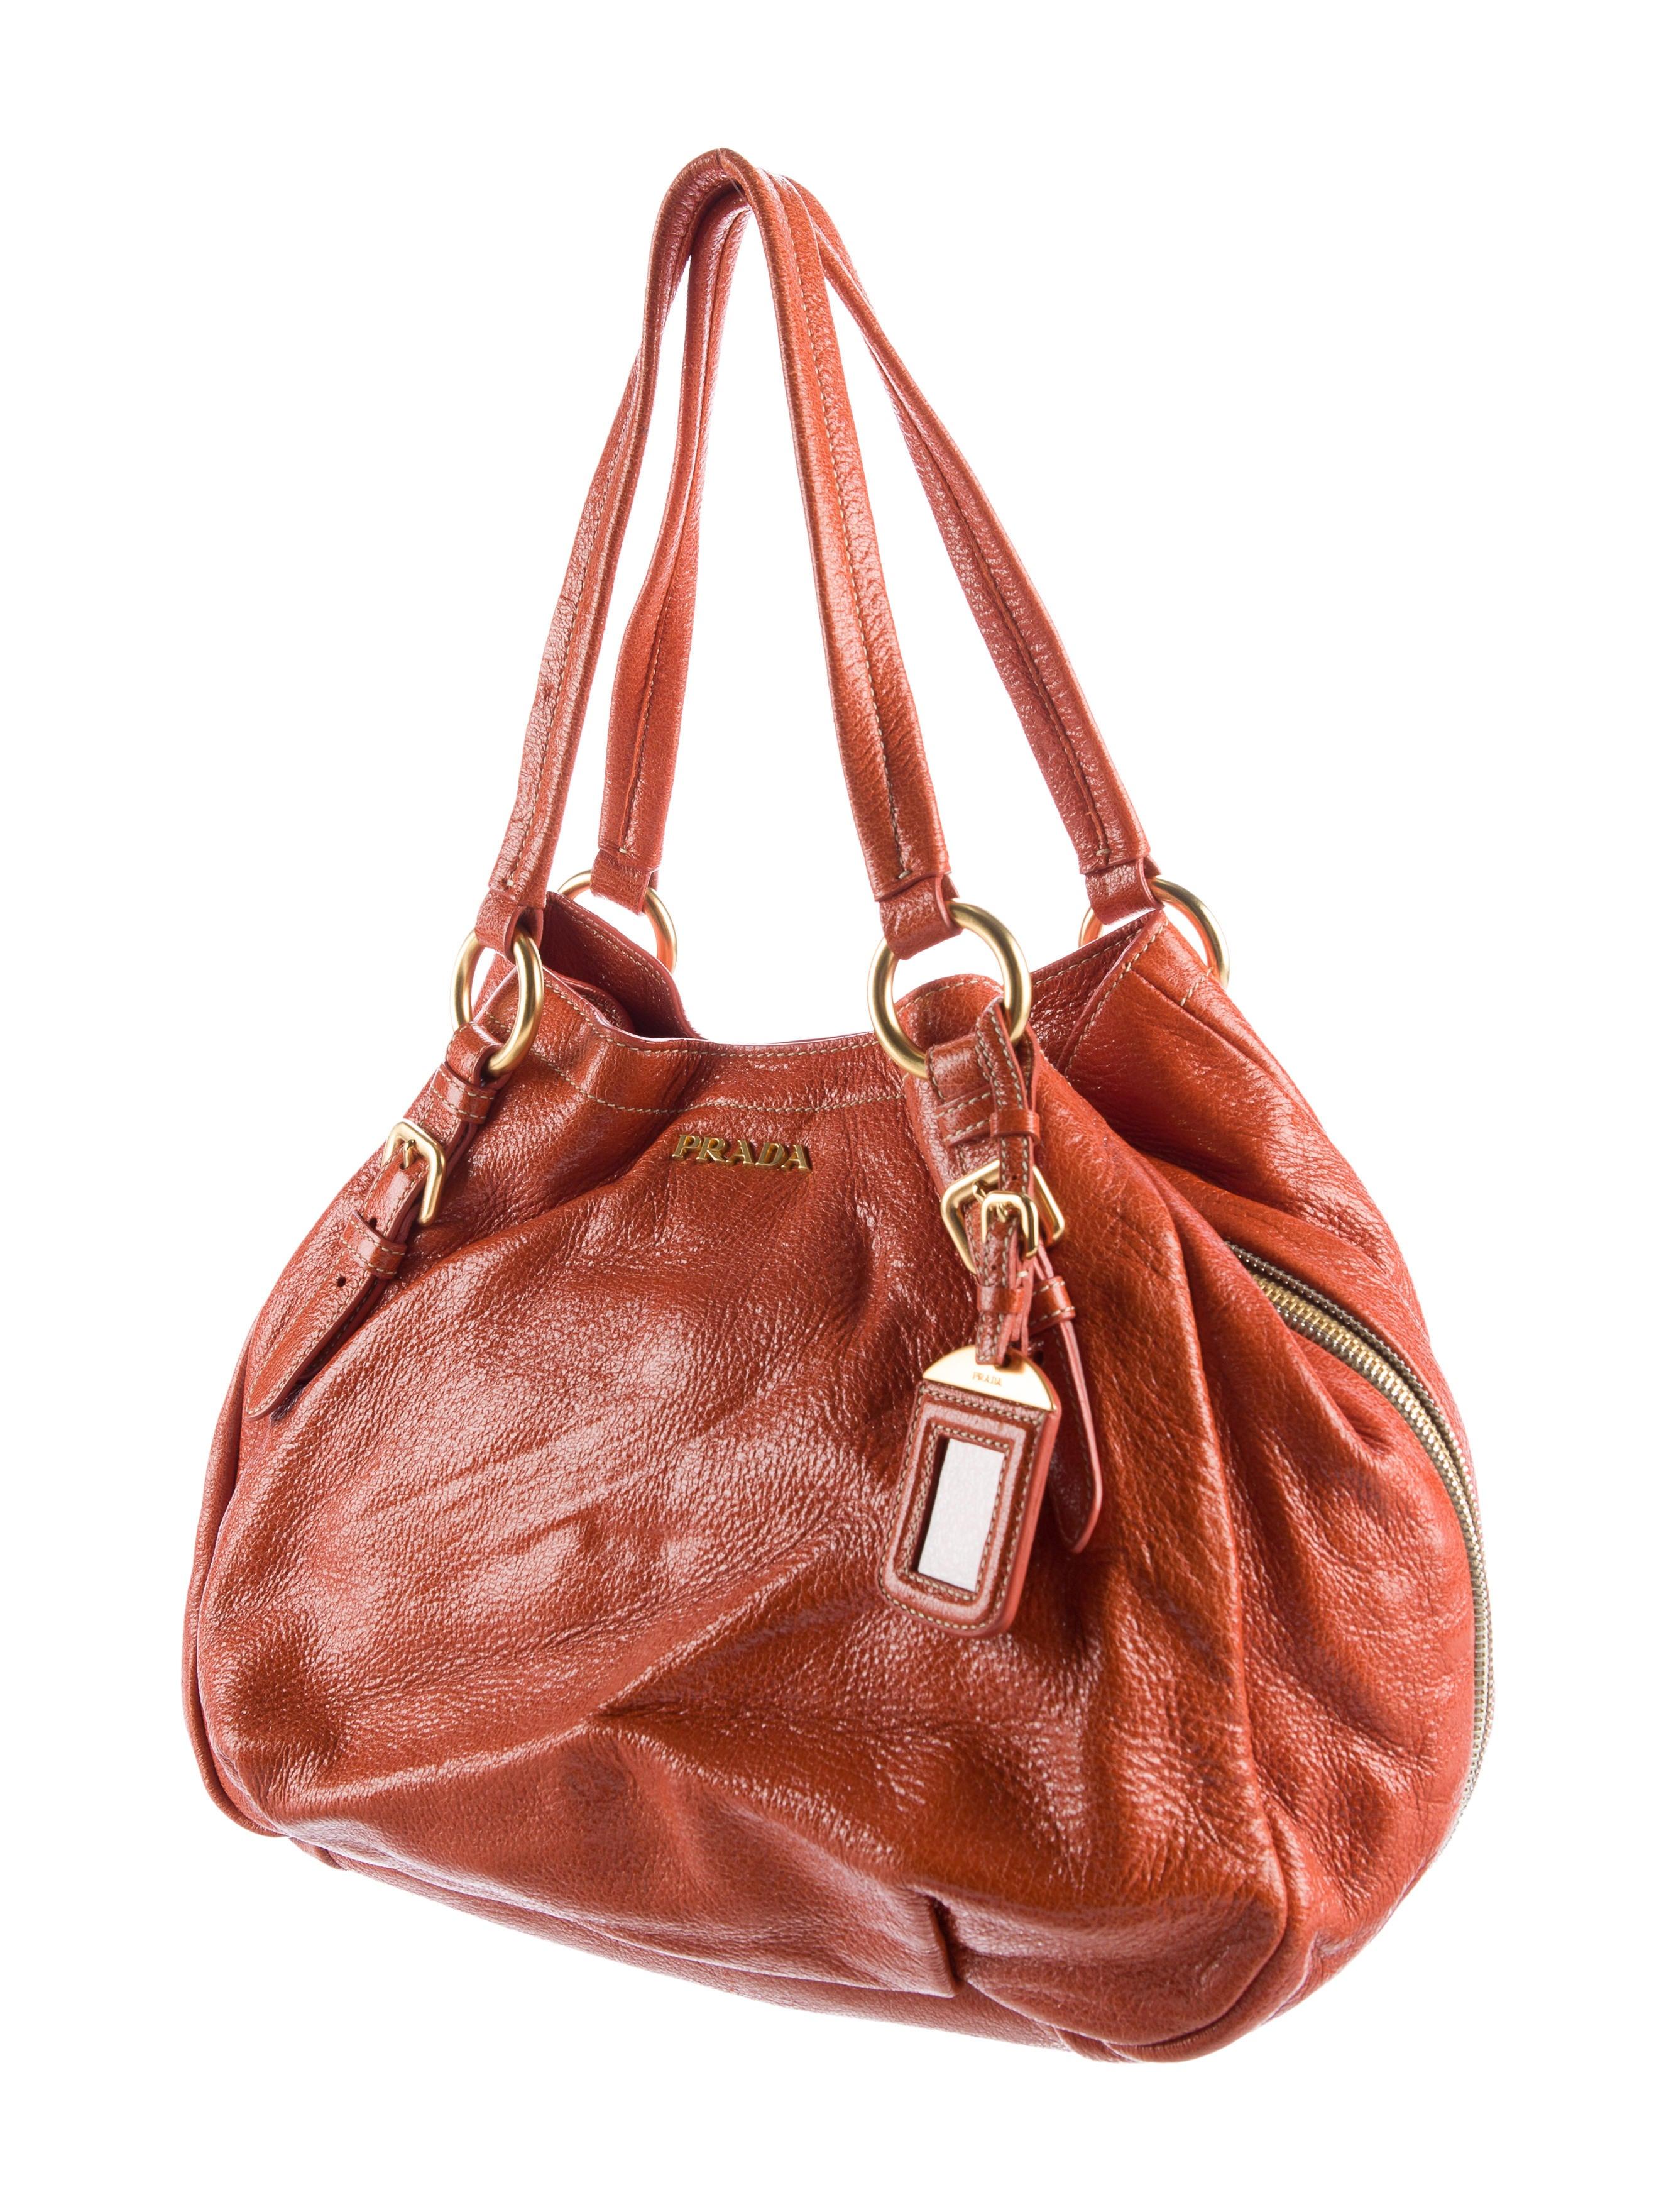 8cd5775e50da What Is Prada Bag Pelle Cervo | Stanford Center for Opportunity ...